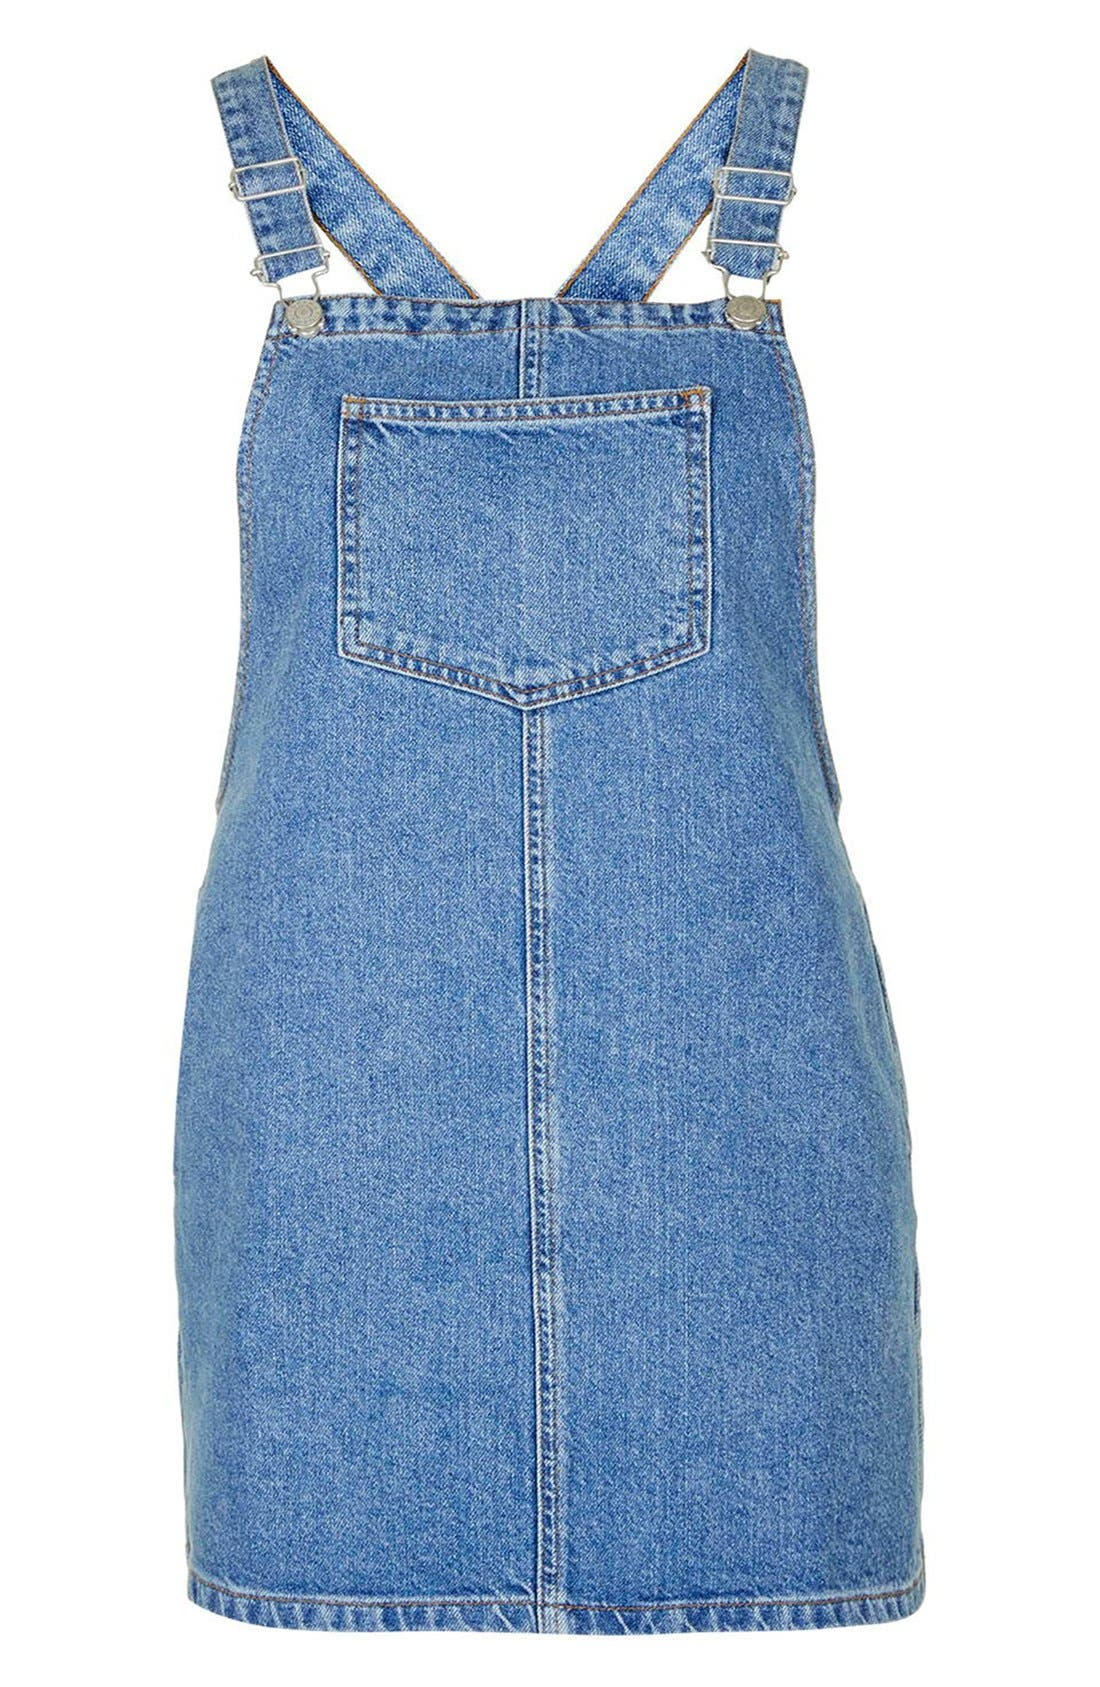 Alternate Image 4  - Topshop Denim Pinafore Dress (Petite)